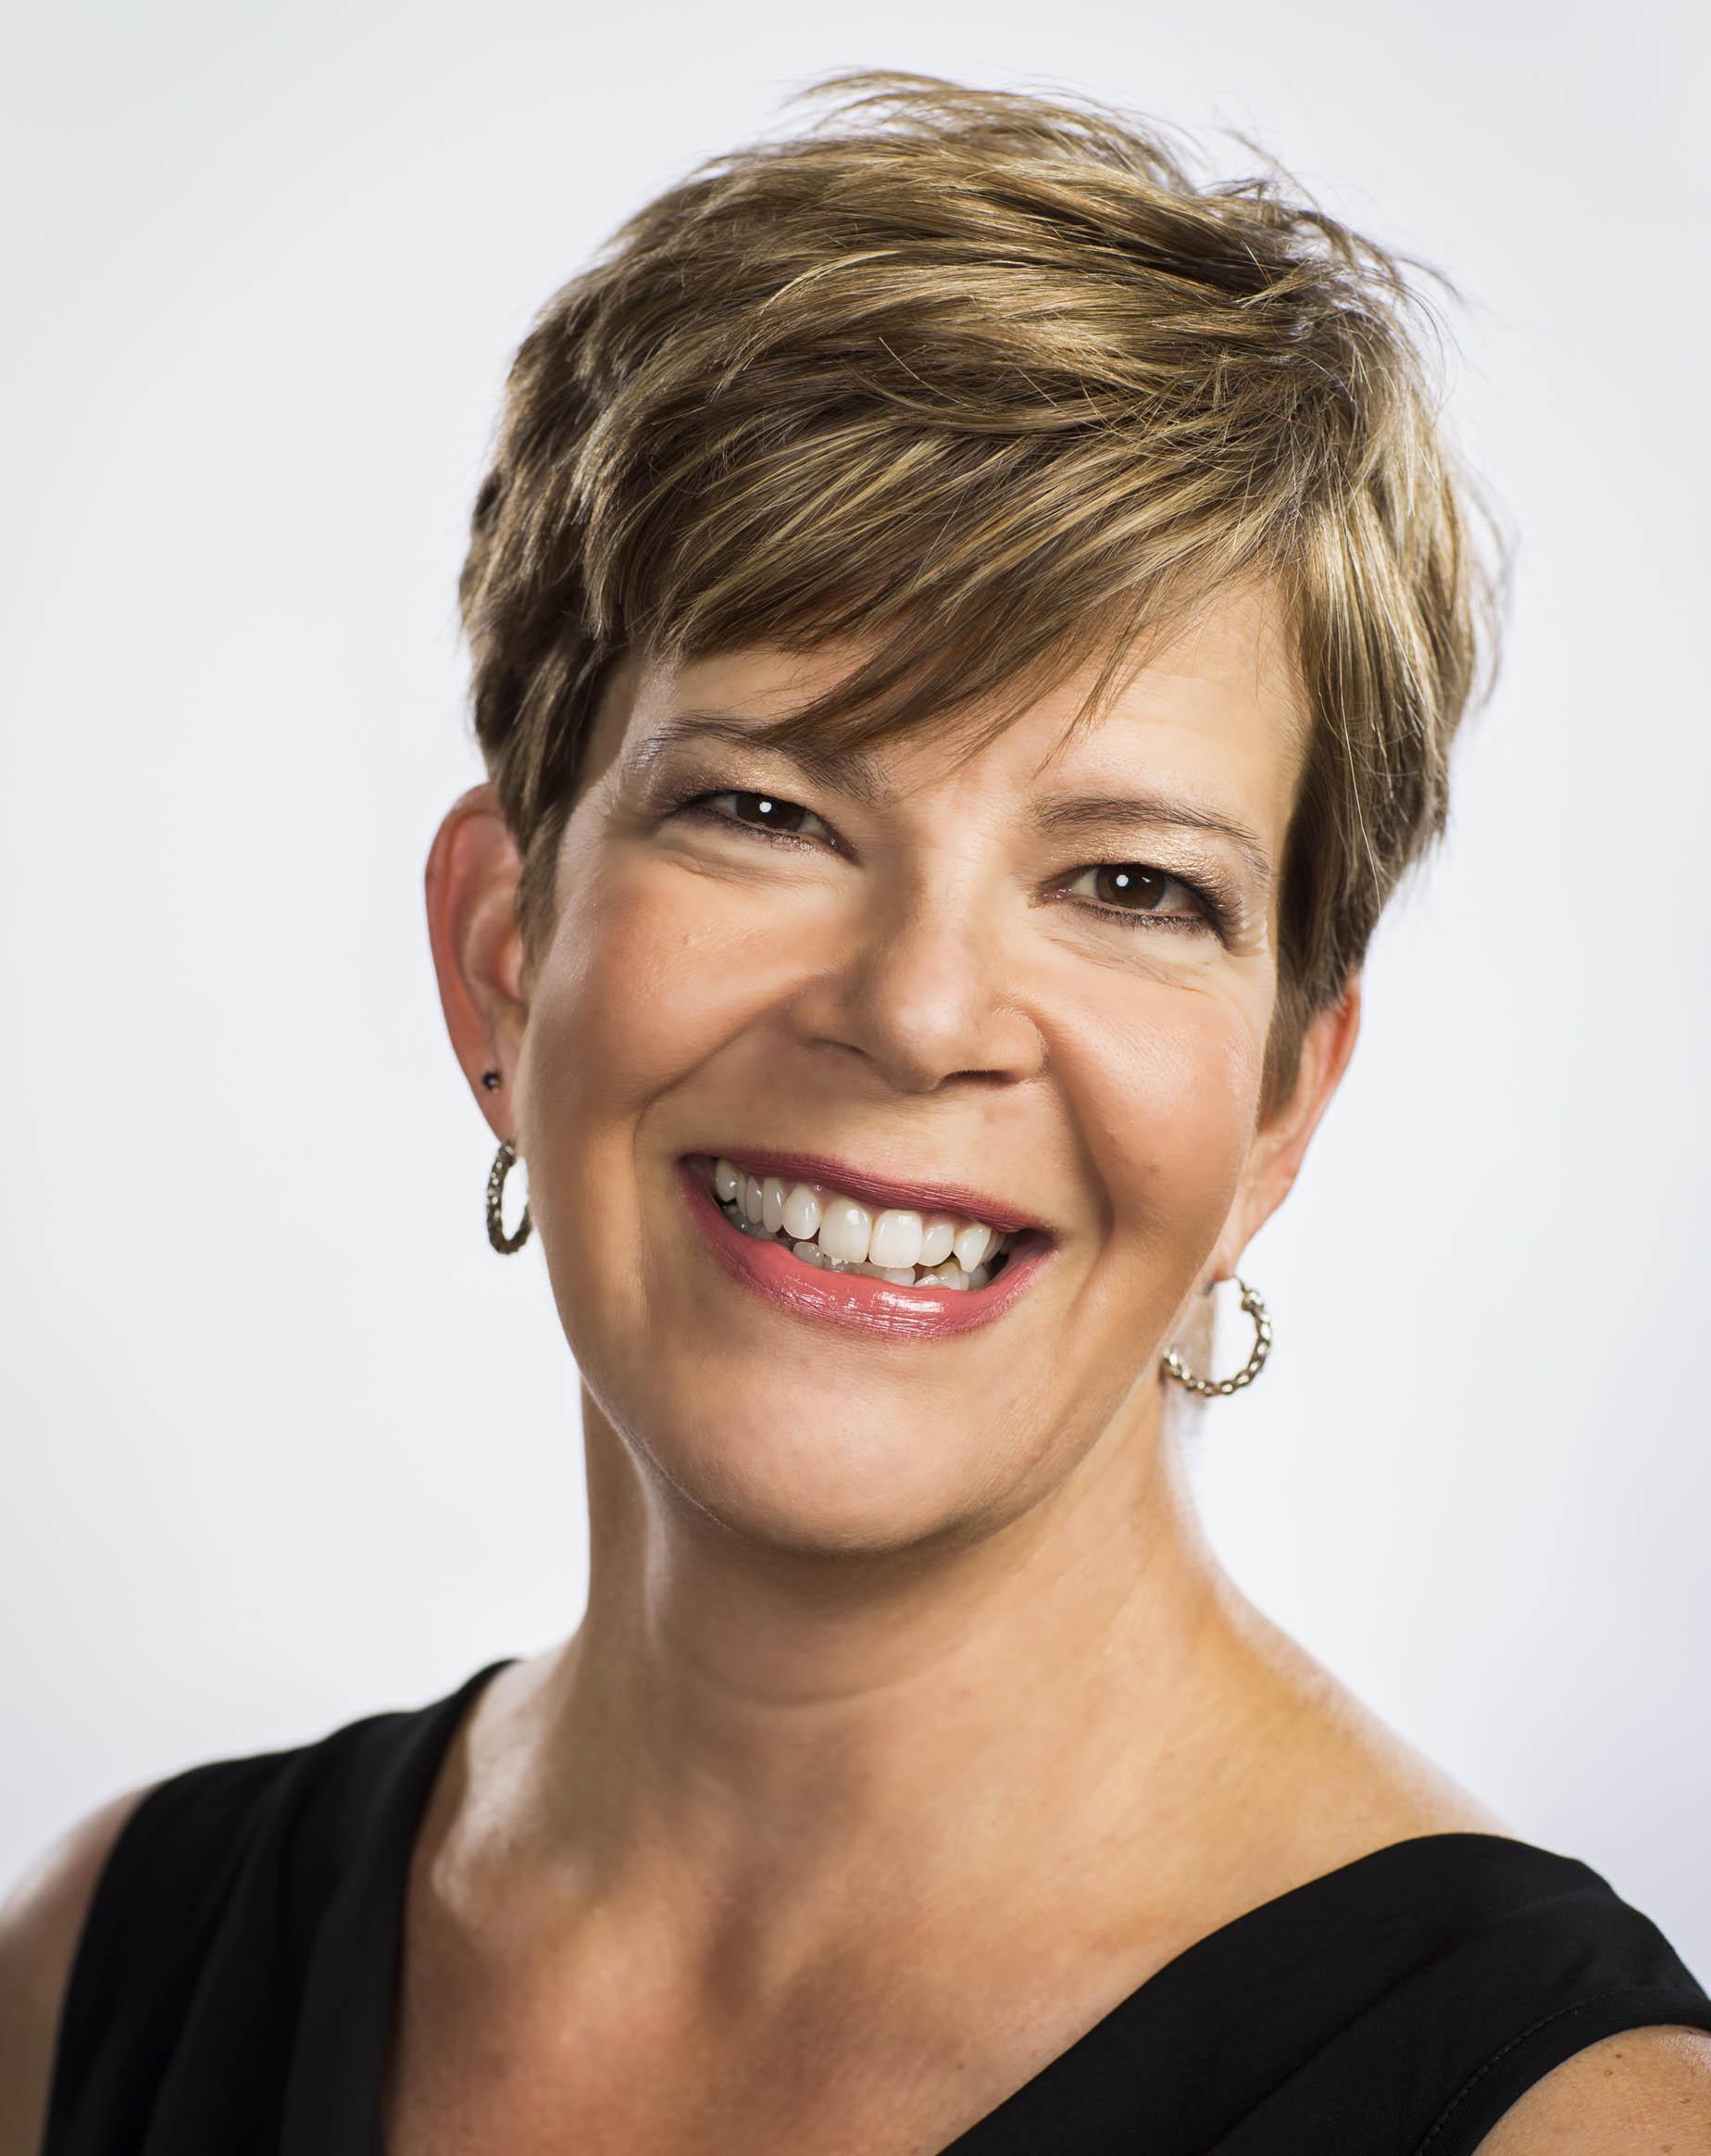 Karen Wright, Executive Coaching Connections, LLC, Toronto, Ontario, Canada